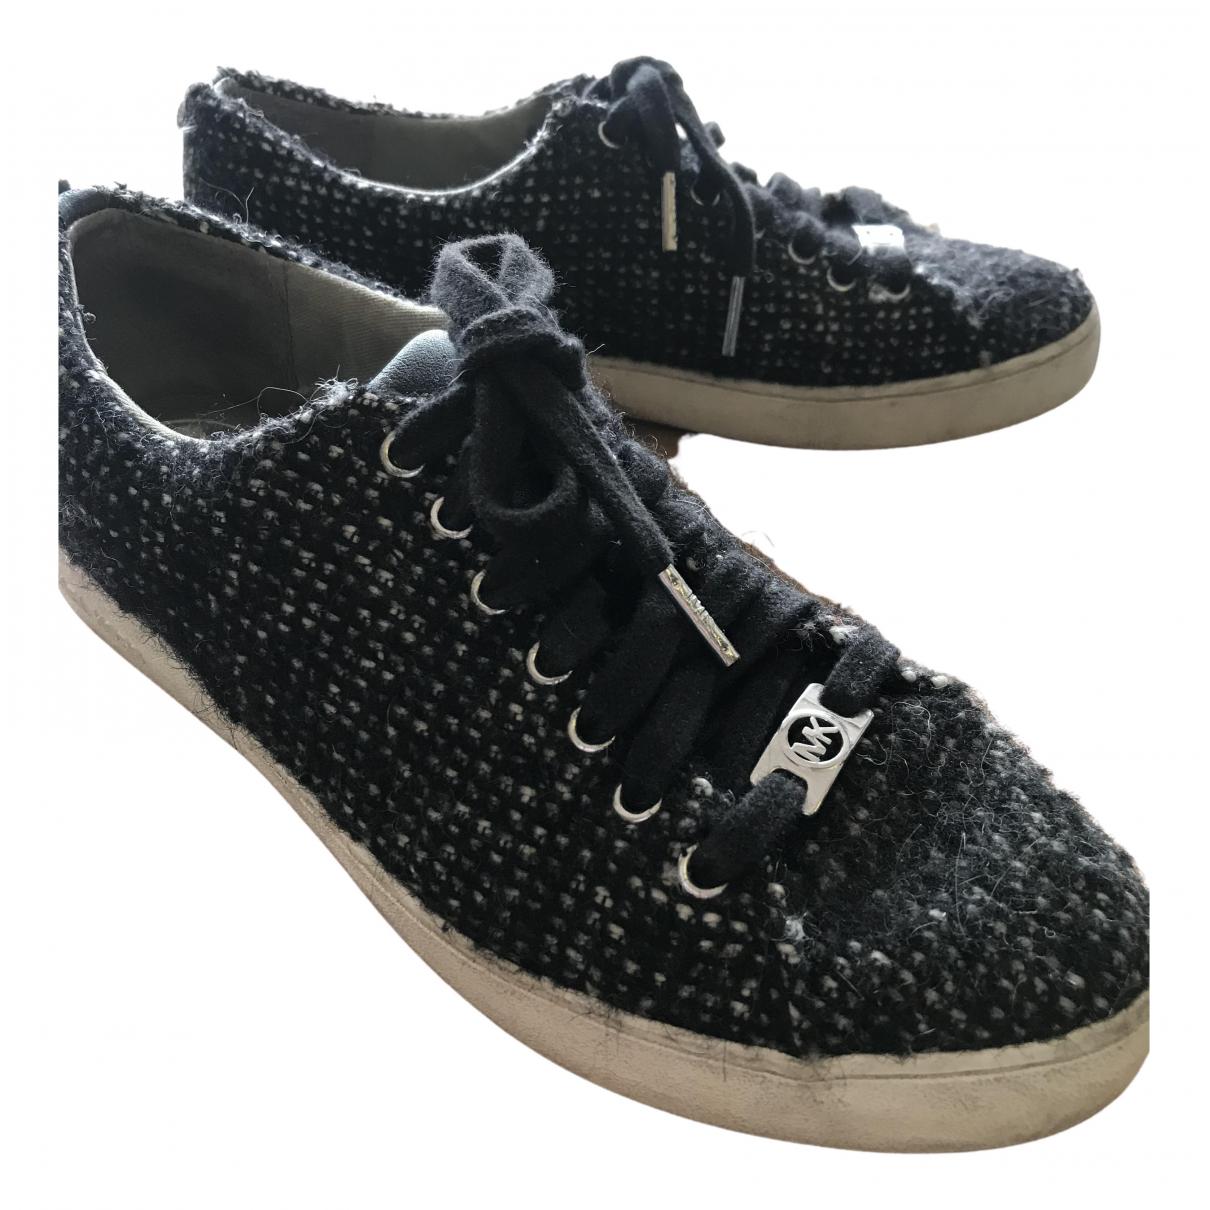 Michael Kors - Baskets   pour femme en cuir - noir